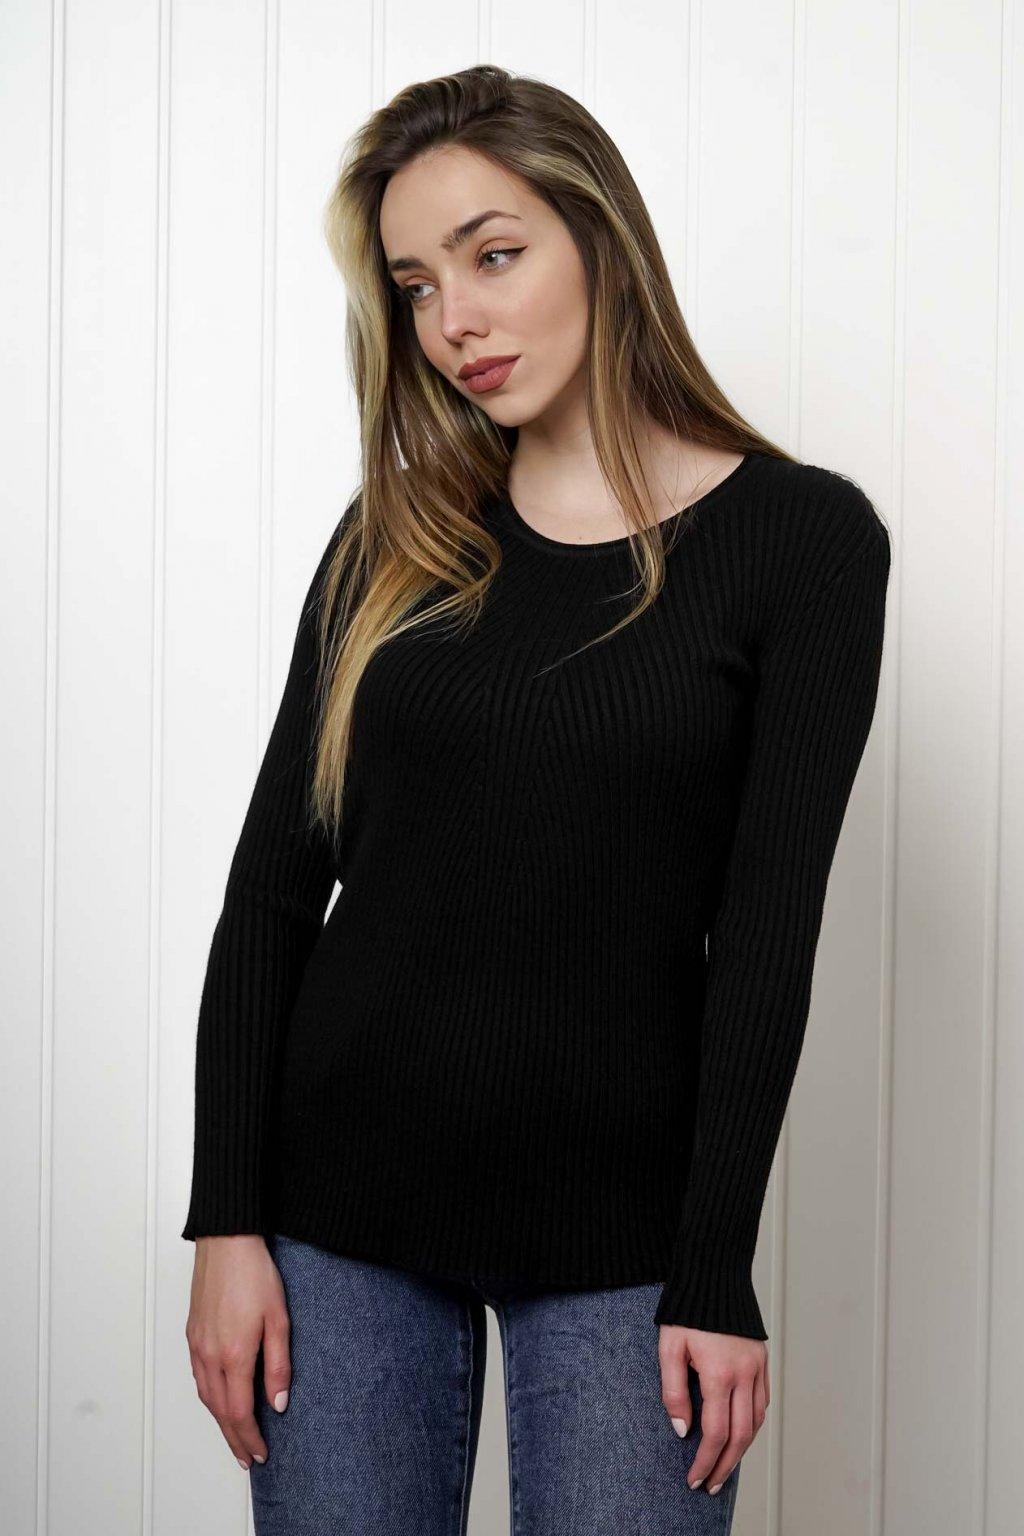 sveter, svetrík, sveter dámsky, úplet, úpletový sveter, jednoduchý sveter, v výstríh, štýlový, chlpatý,vzorovaný, srdiečkový, čierny, biely, farebný, 140